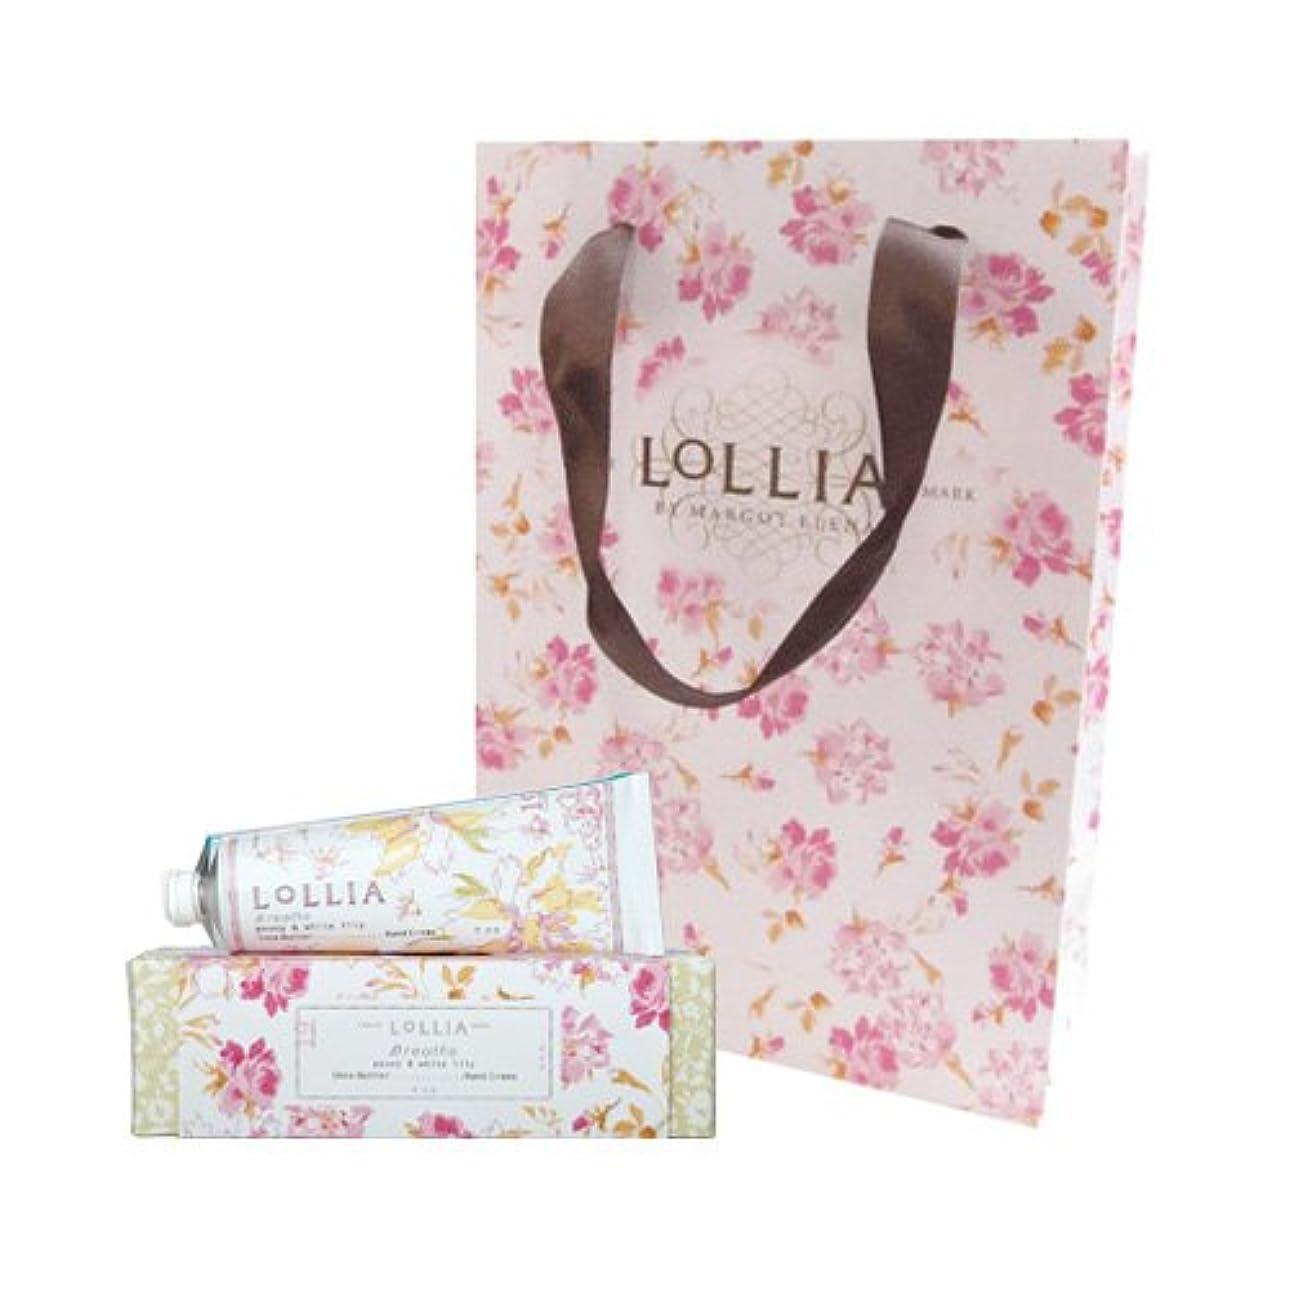 回復進行中何よりもロリア(LoLLIA) ハンドクリーム Breath 35g (ピオニーとホワイトリリーの甘くさわやかな香り) ショッパー付